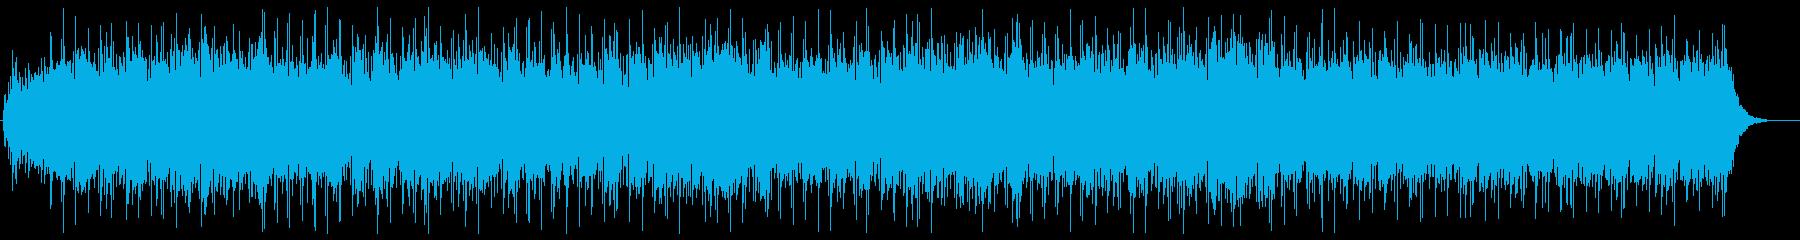 アコギとソプラノサックスでゆったりBGMの再生済みの波形